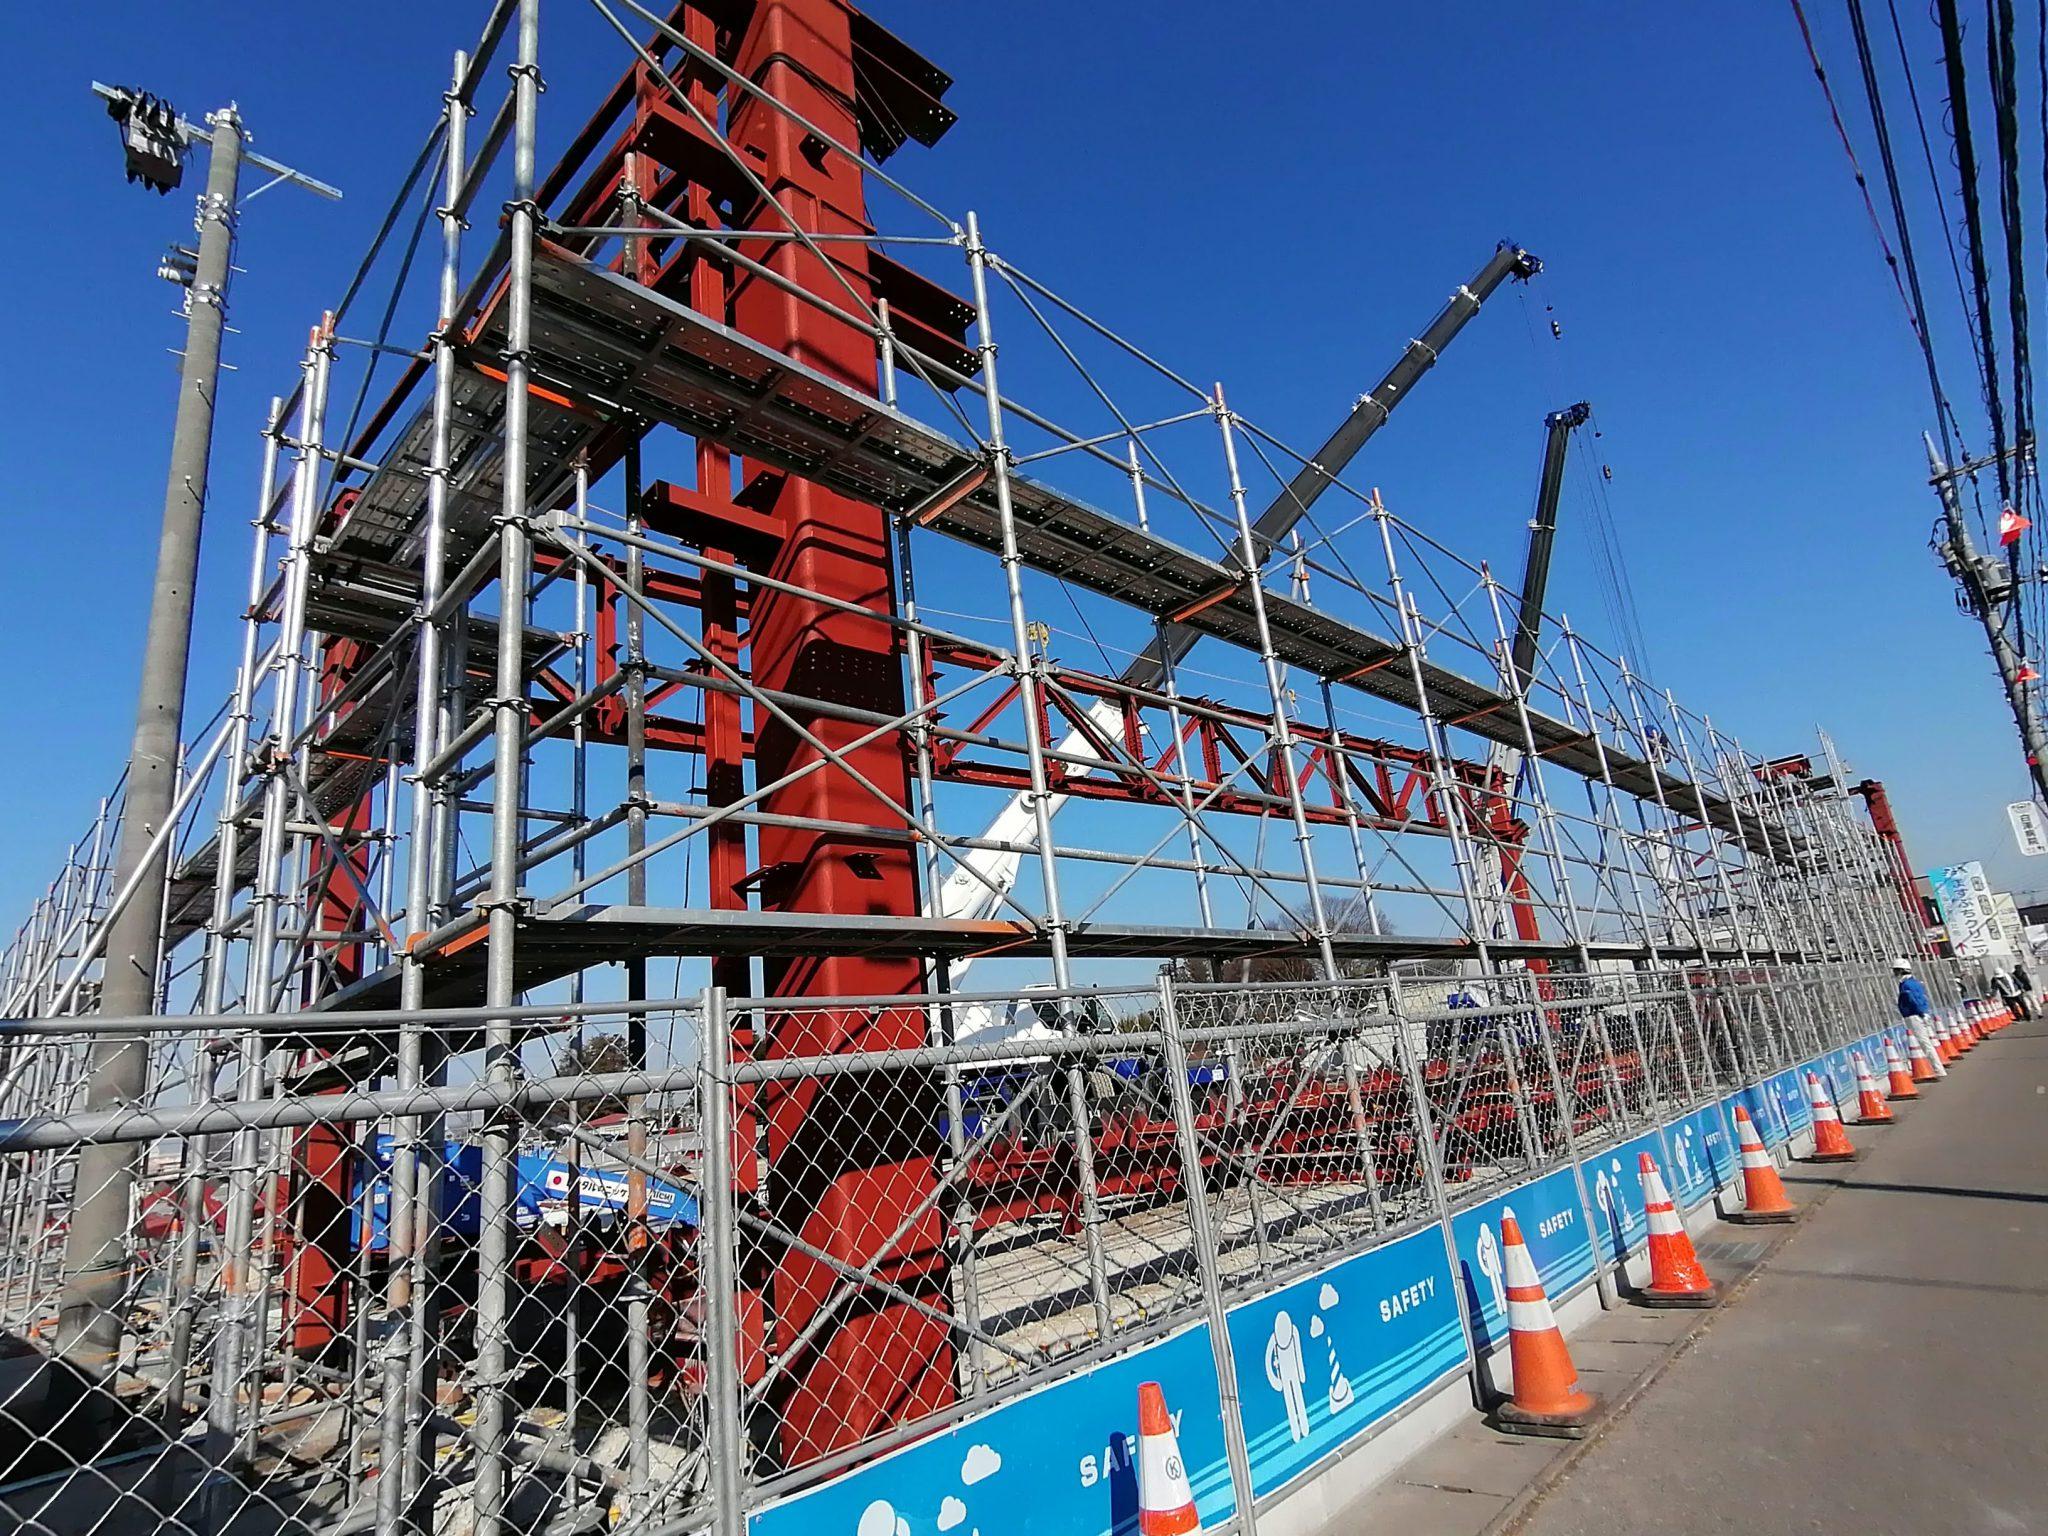 【宇都宮】競輪場通りに建設中の巨大な施設は「ネッツトヨタ栃木」でした